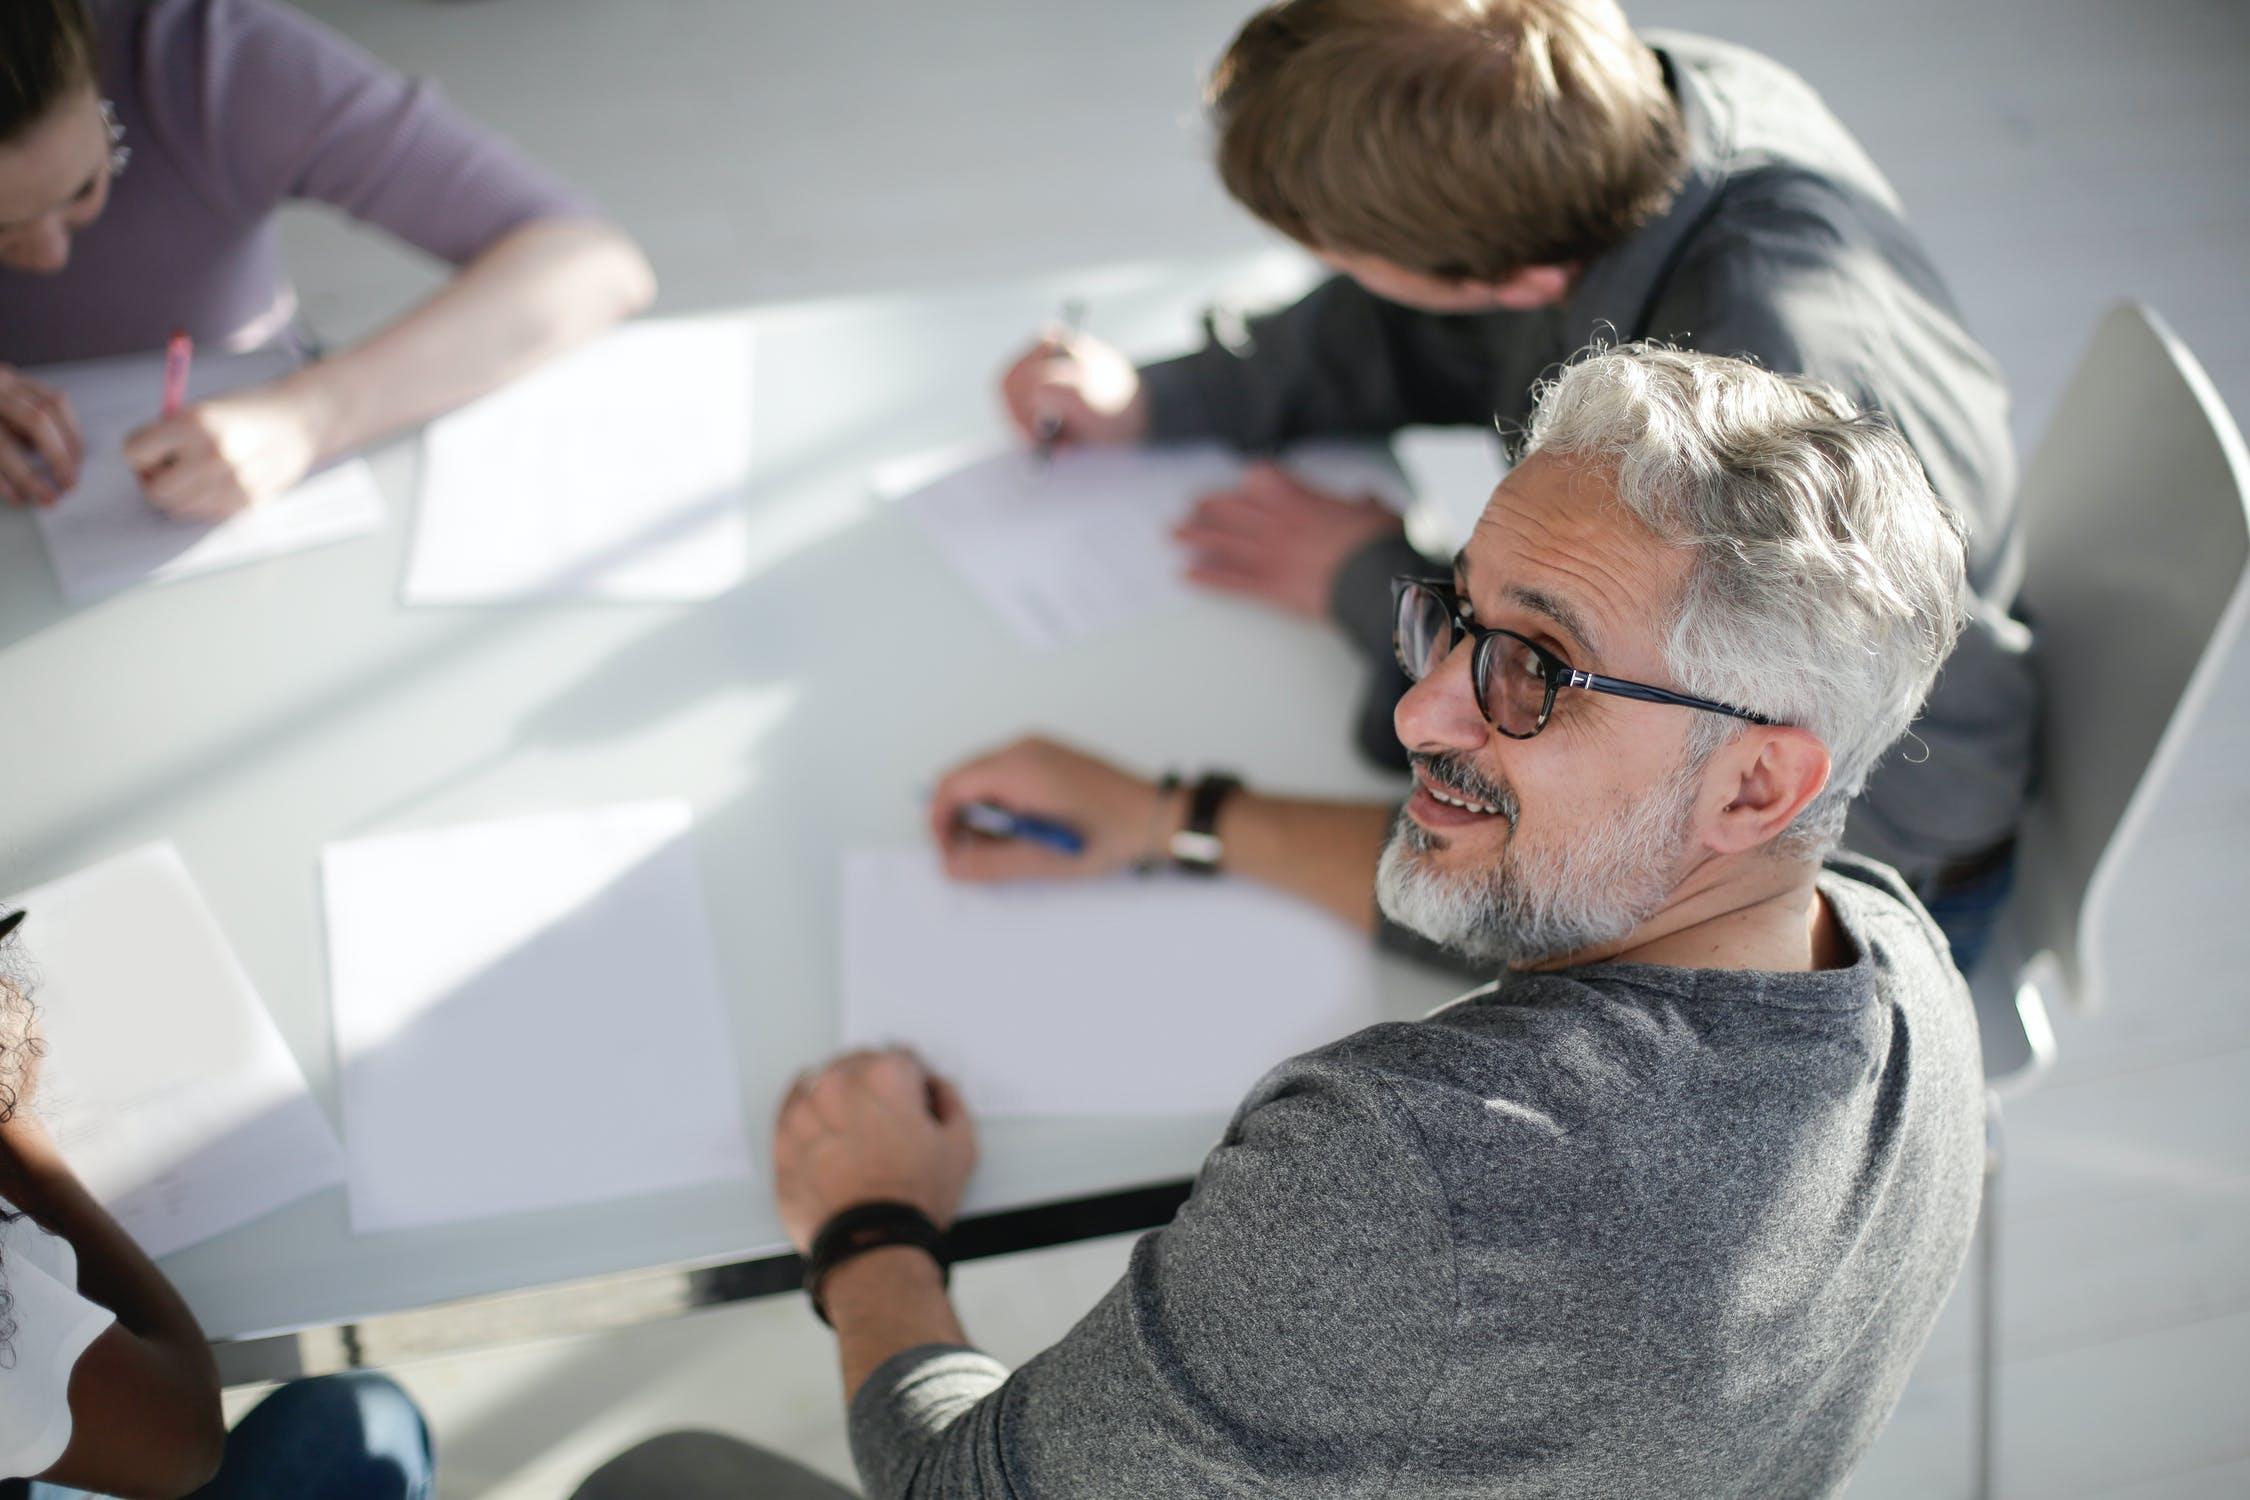 Supervising Others Workshop